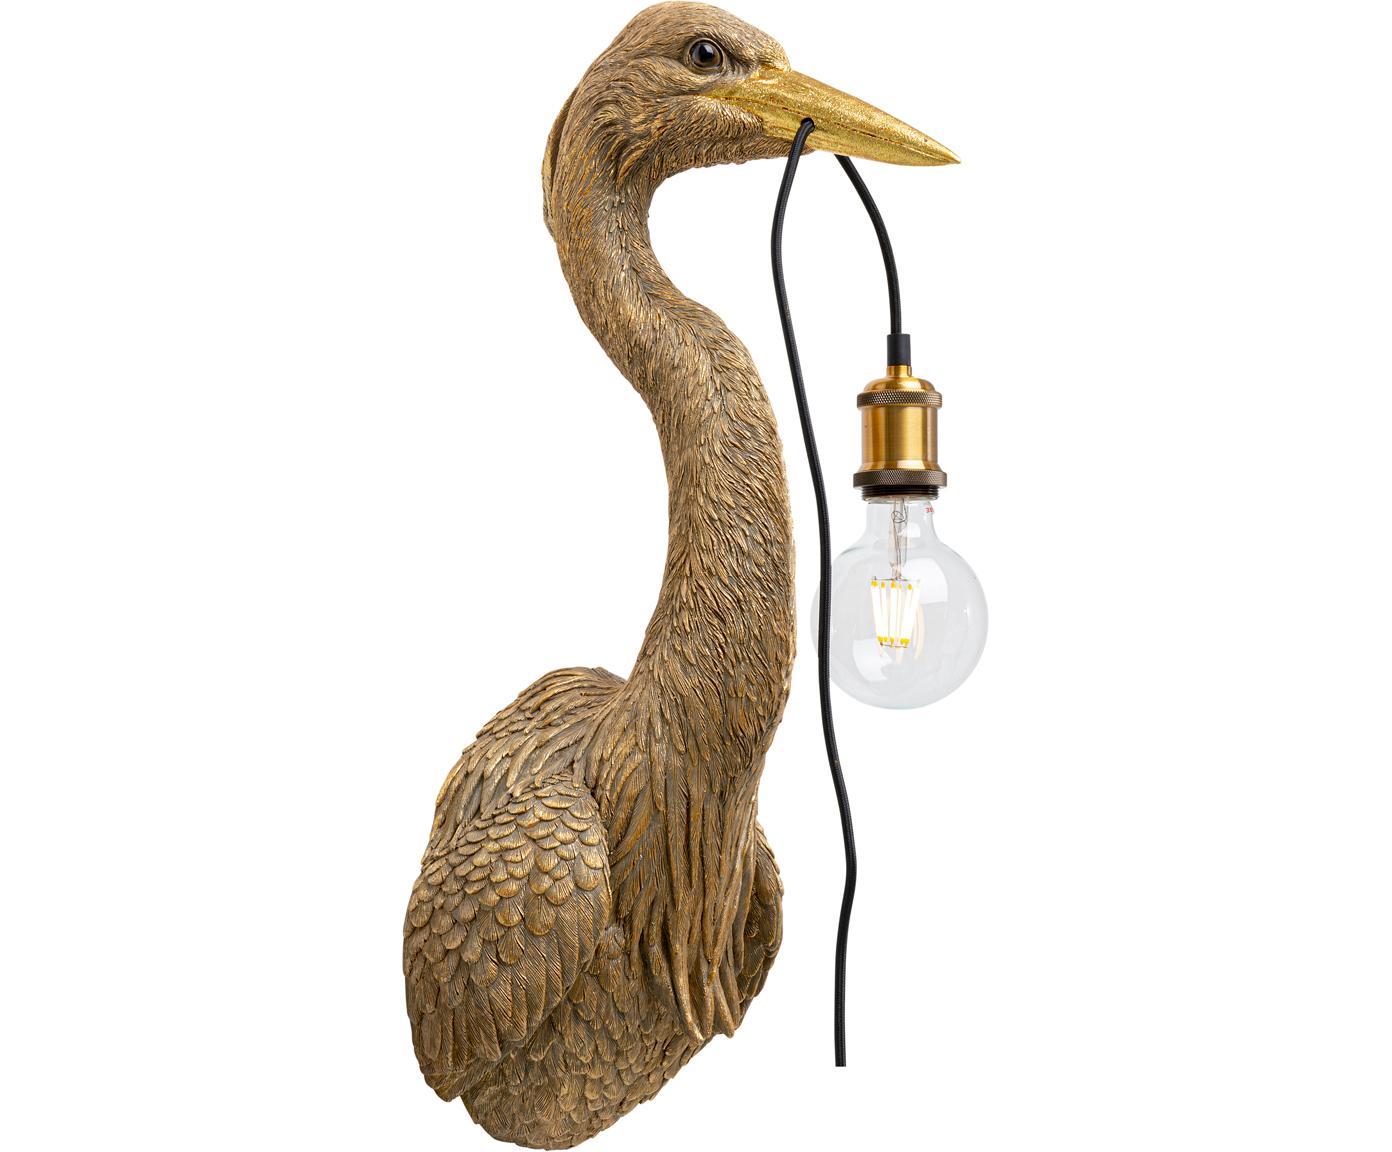 Handgefertigte Wandleuchte Heron mit Stecker, Polyresin, Braun, 26 x 62 cm